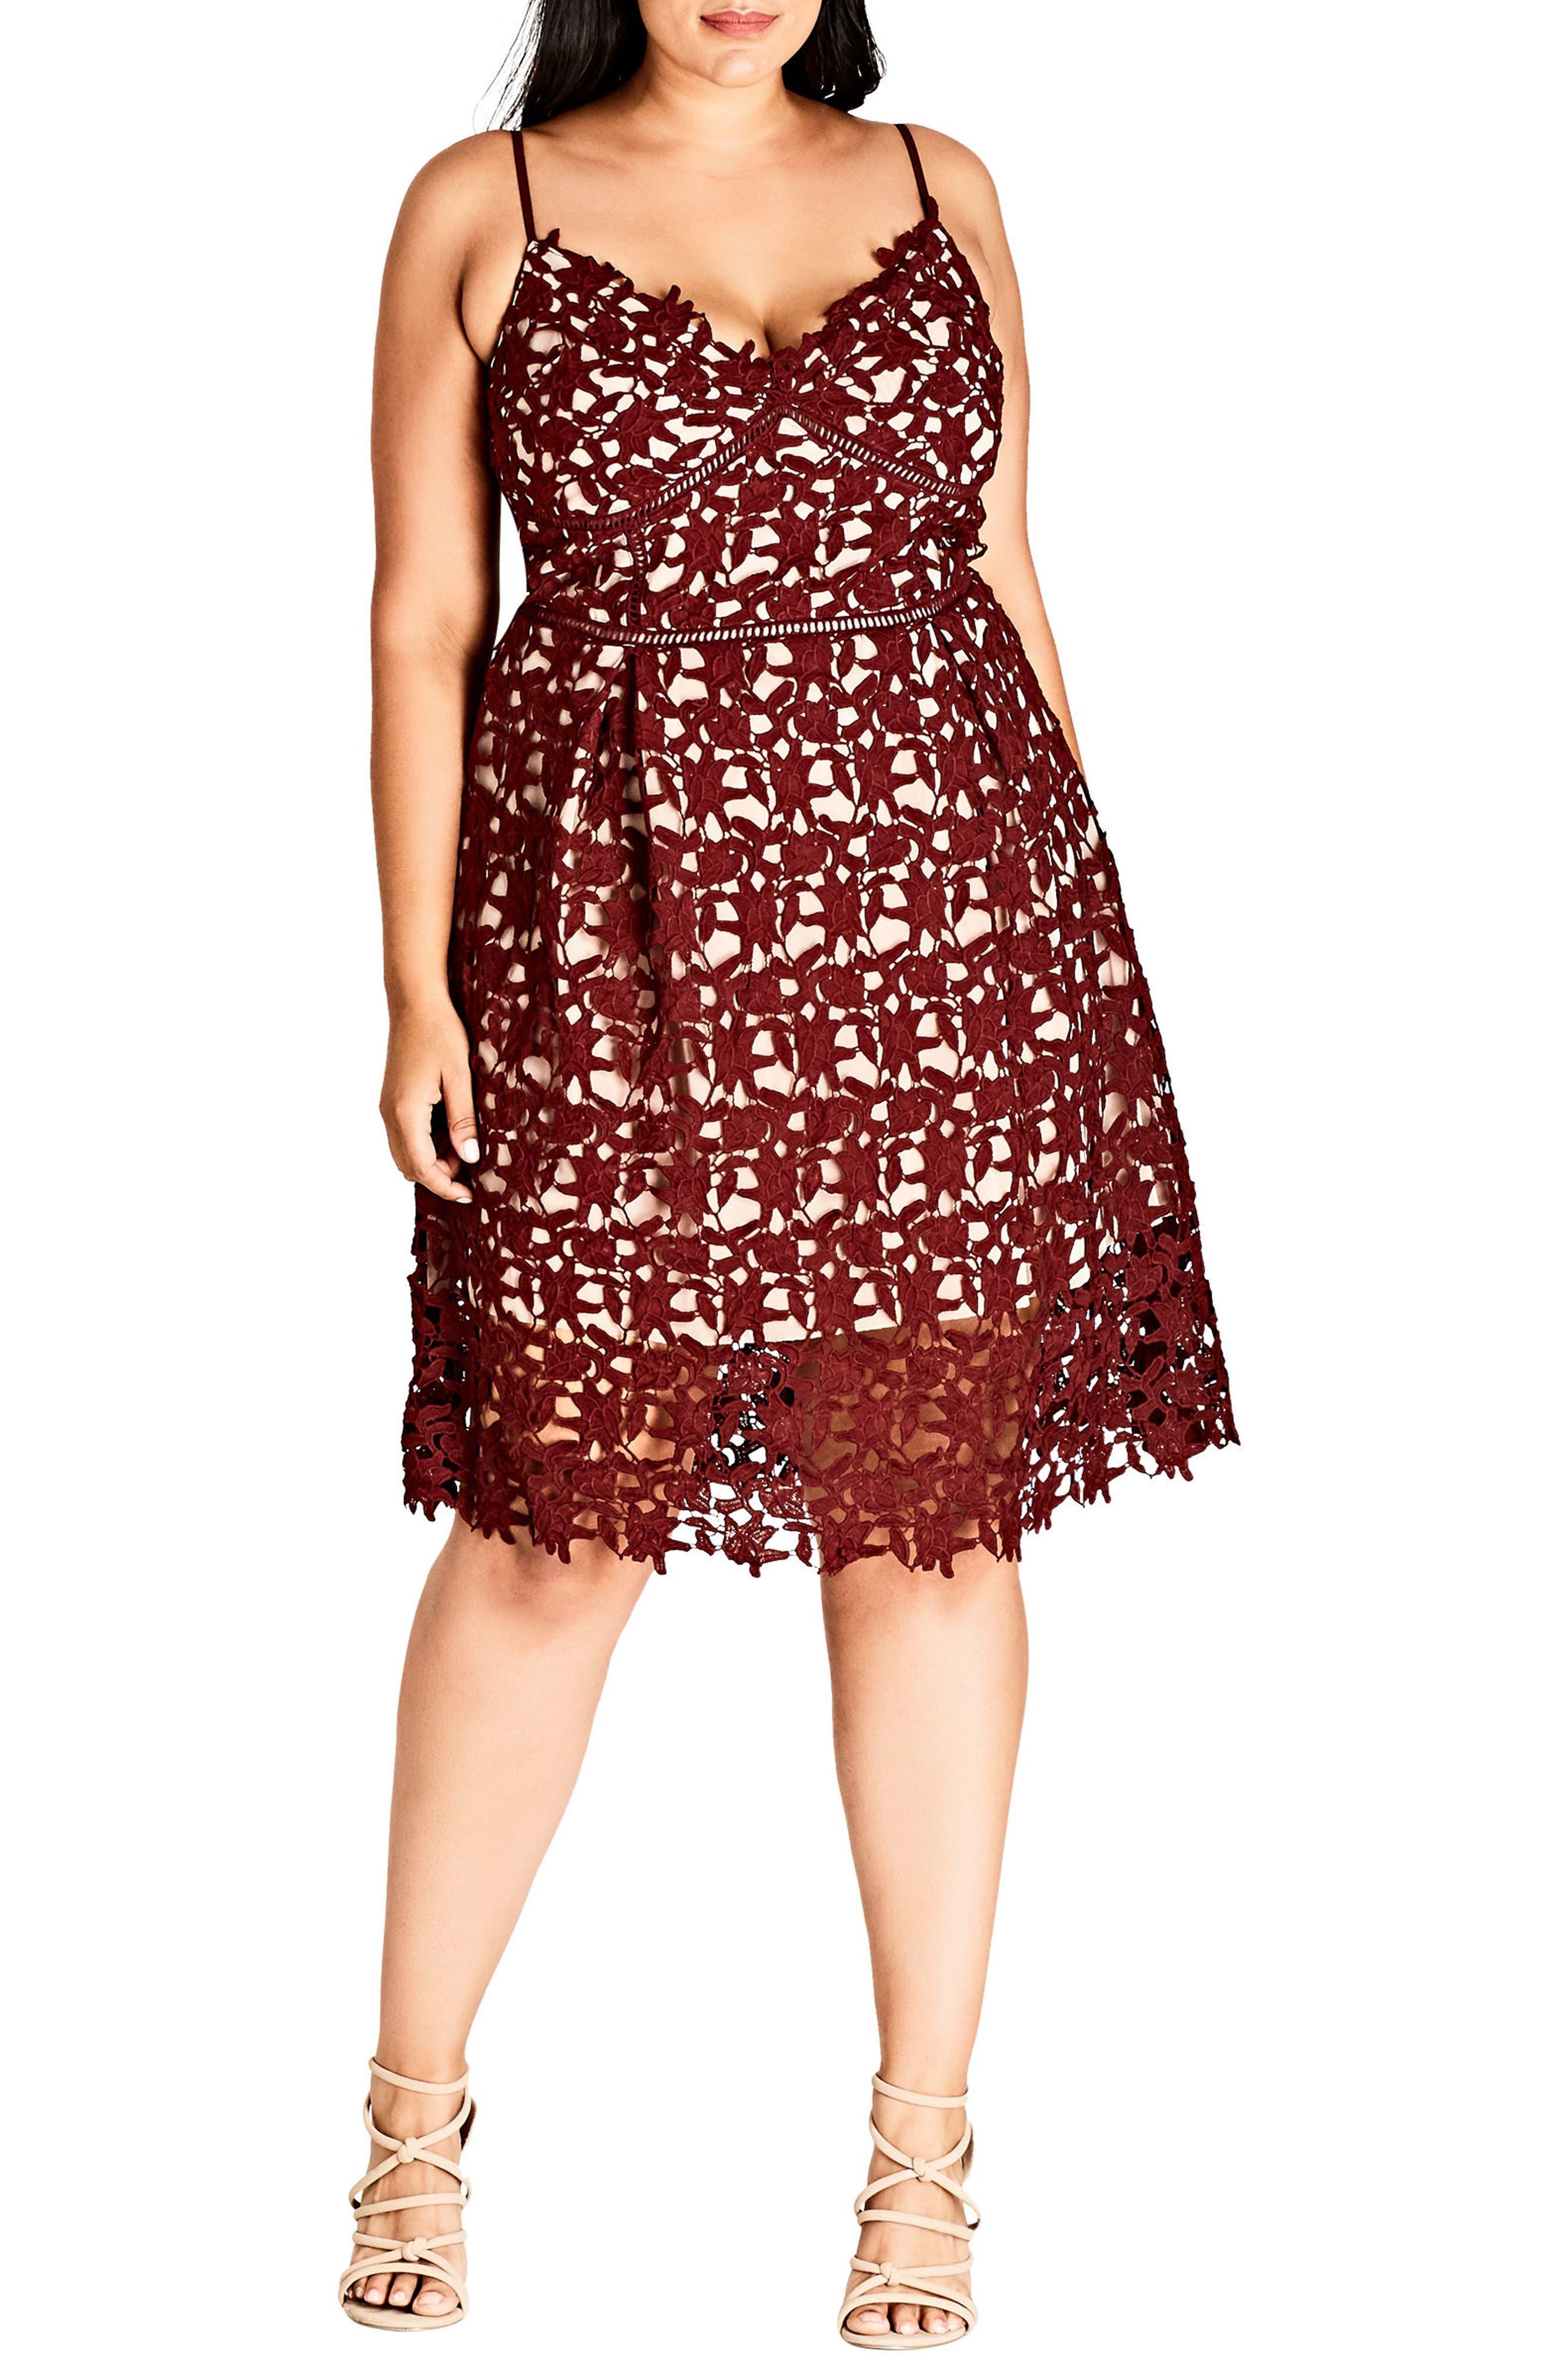 CITY CHIC,                             So Fancy Lace Dress,                             Main thumbnail 1, color,                             605